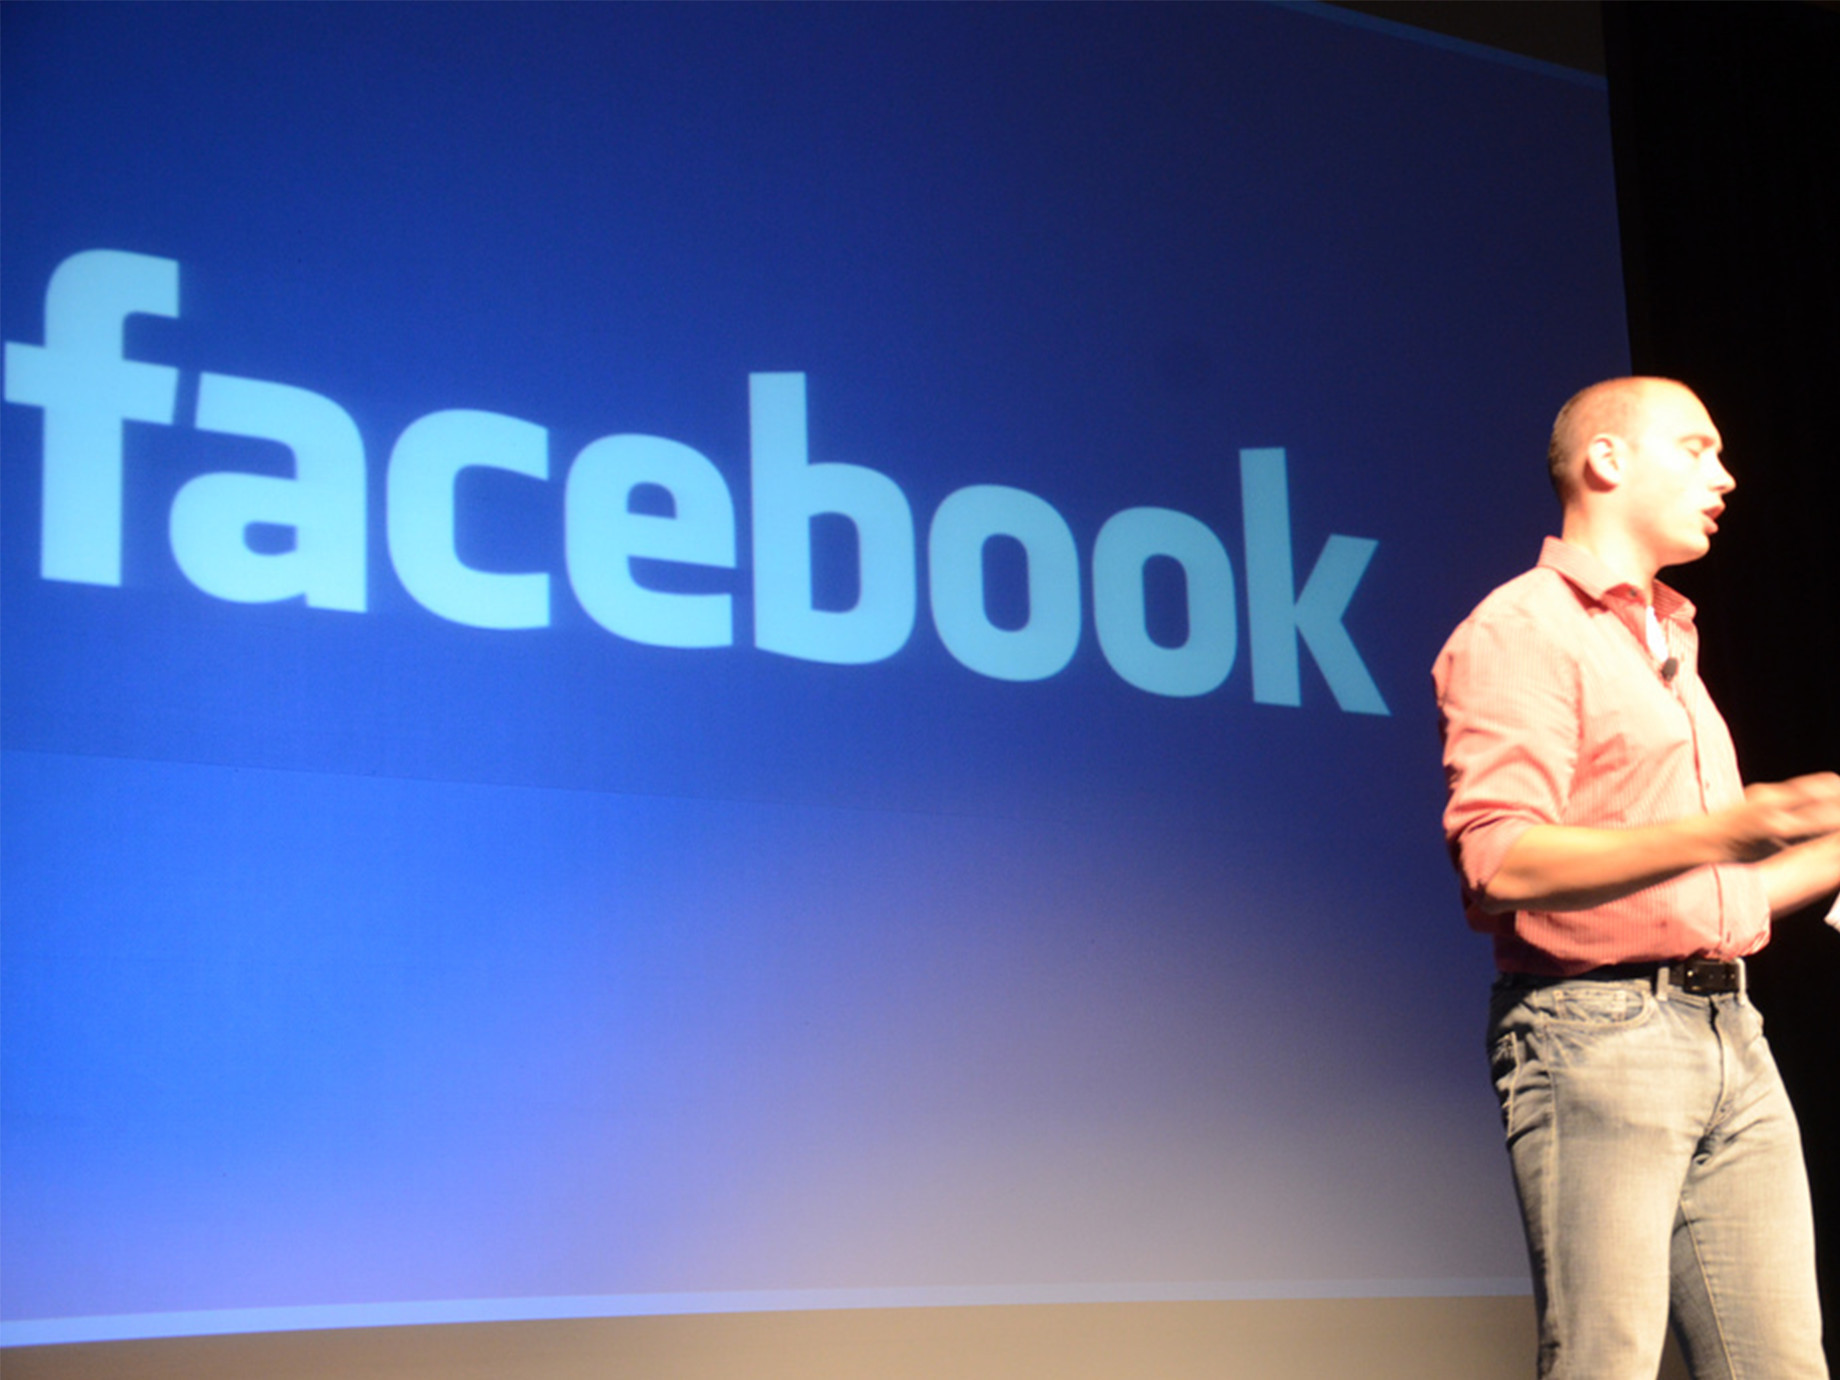 臉書新增檢舉假新聞功能,「有爭議」標籤演算法將被削弱